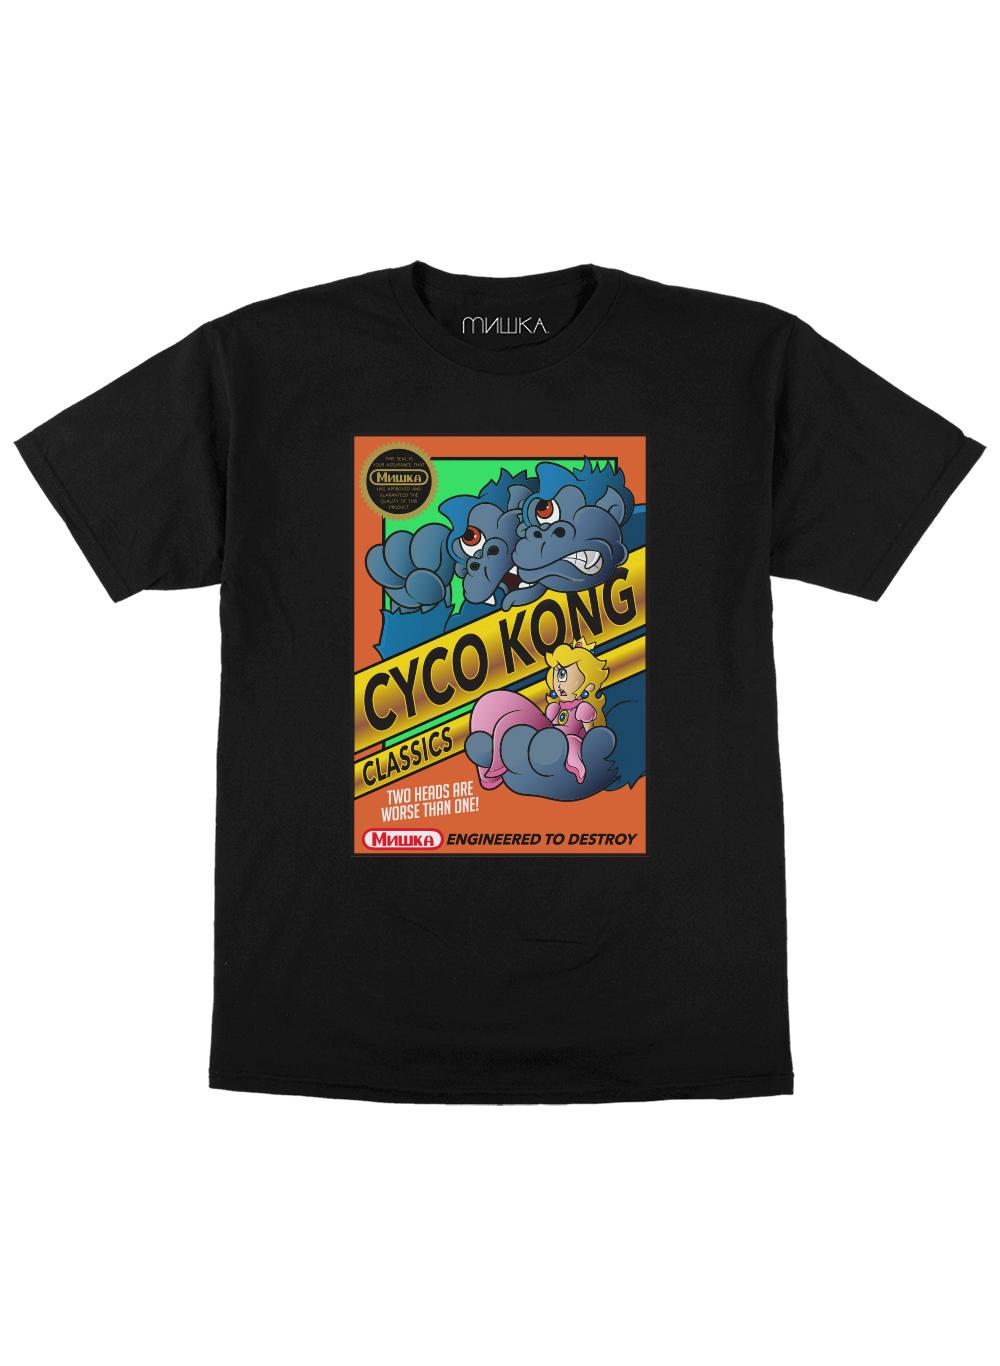 Cyco Kong